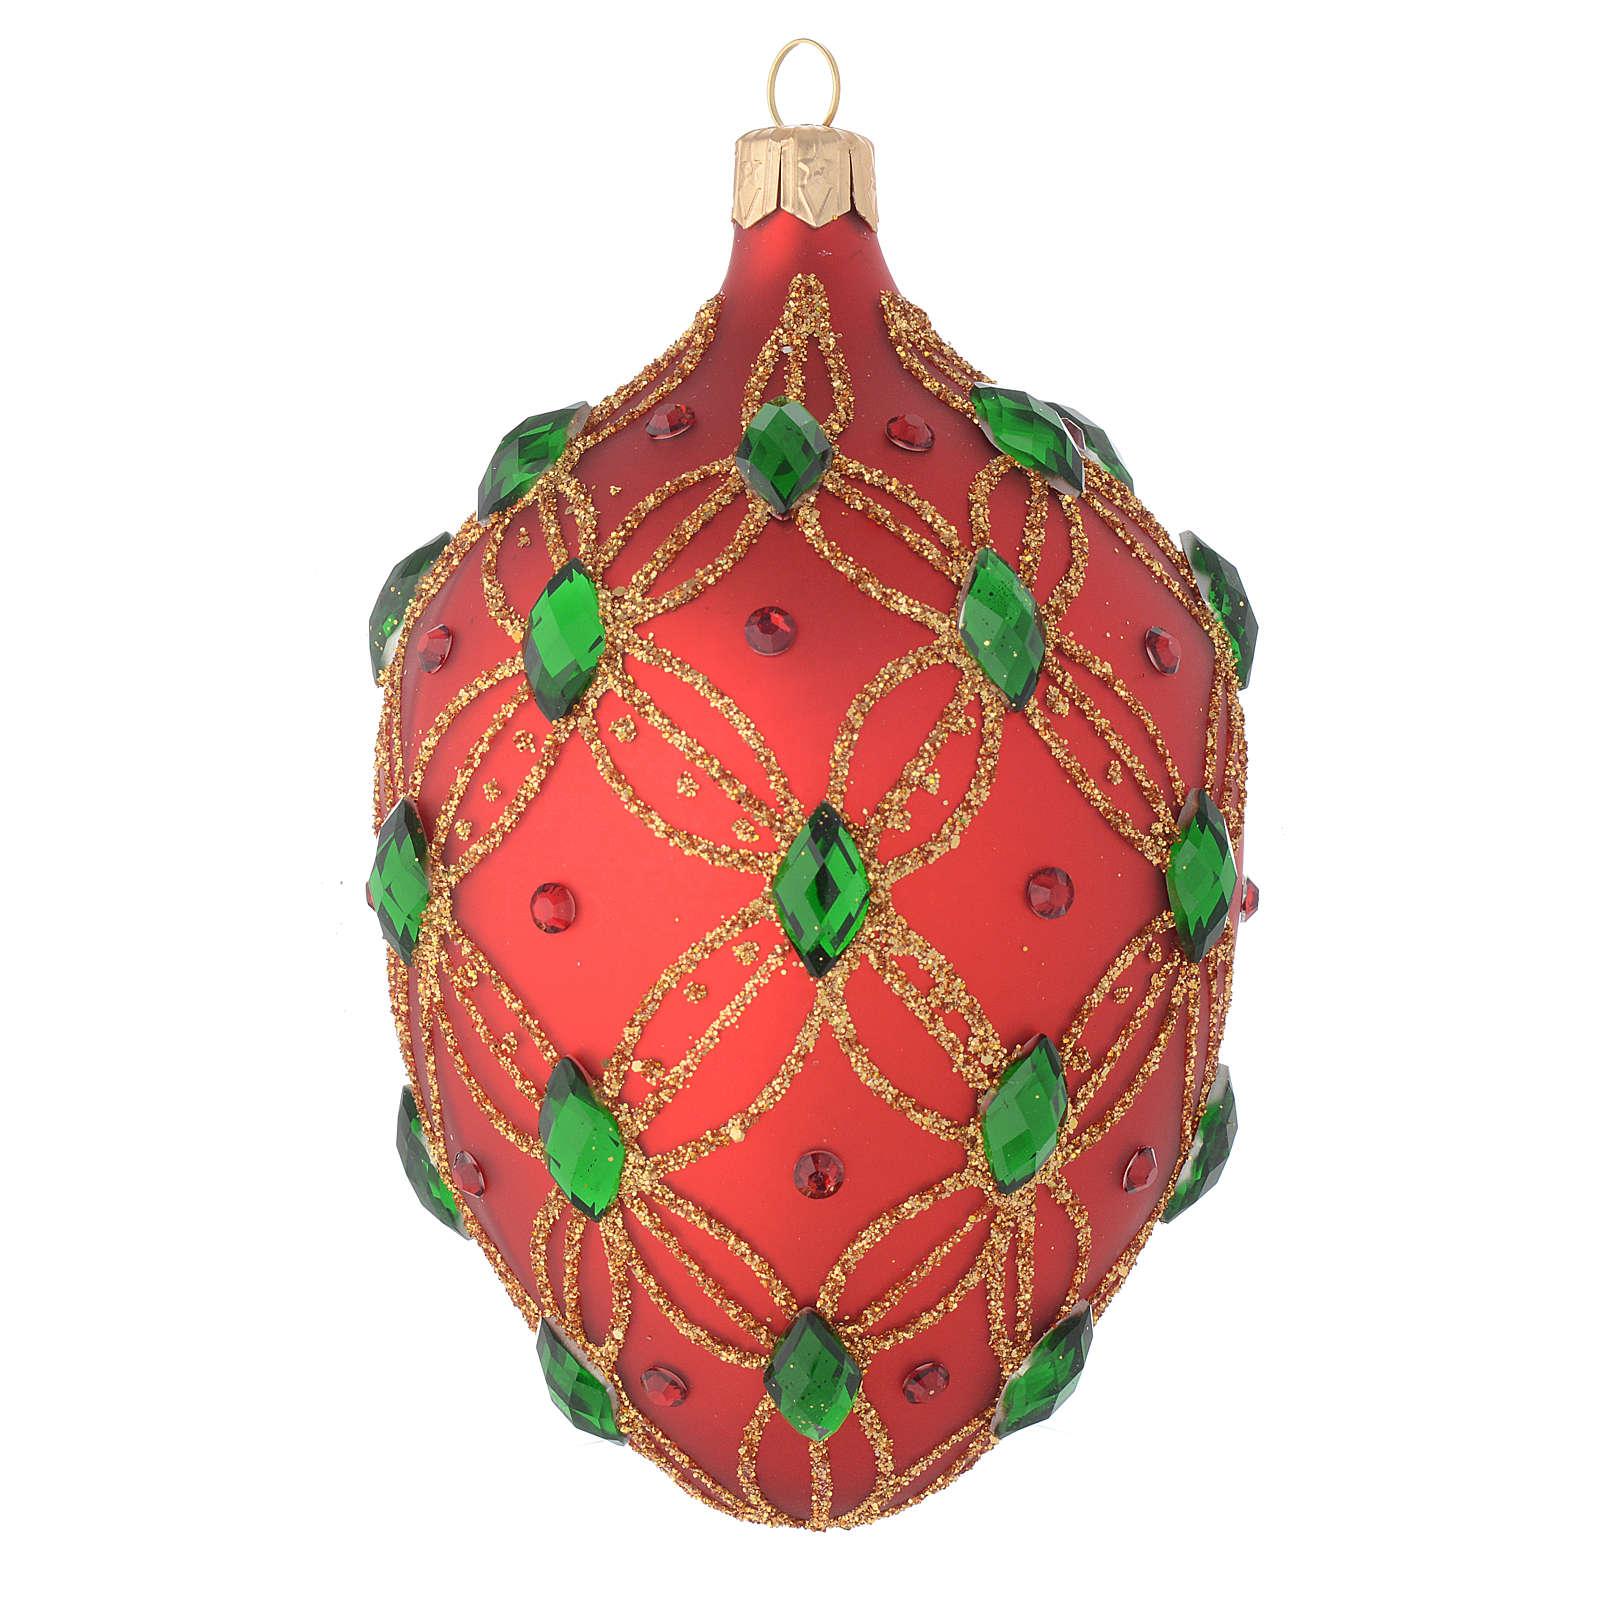 Palla uovo rossa e pietre verdi 130 mm 4